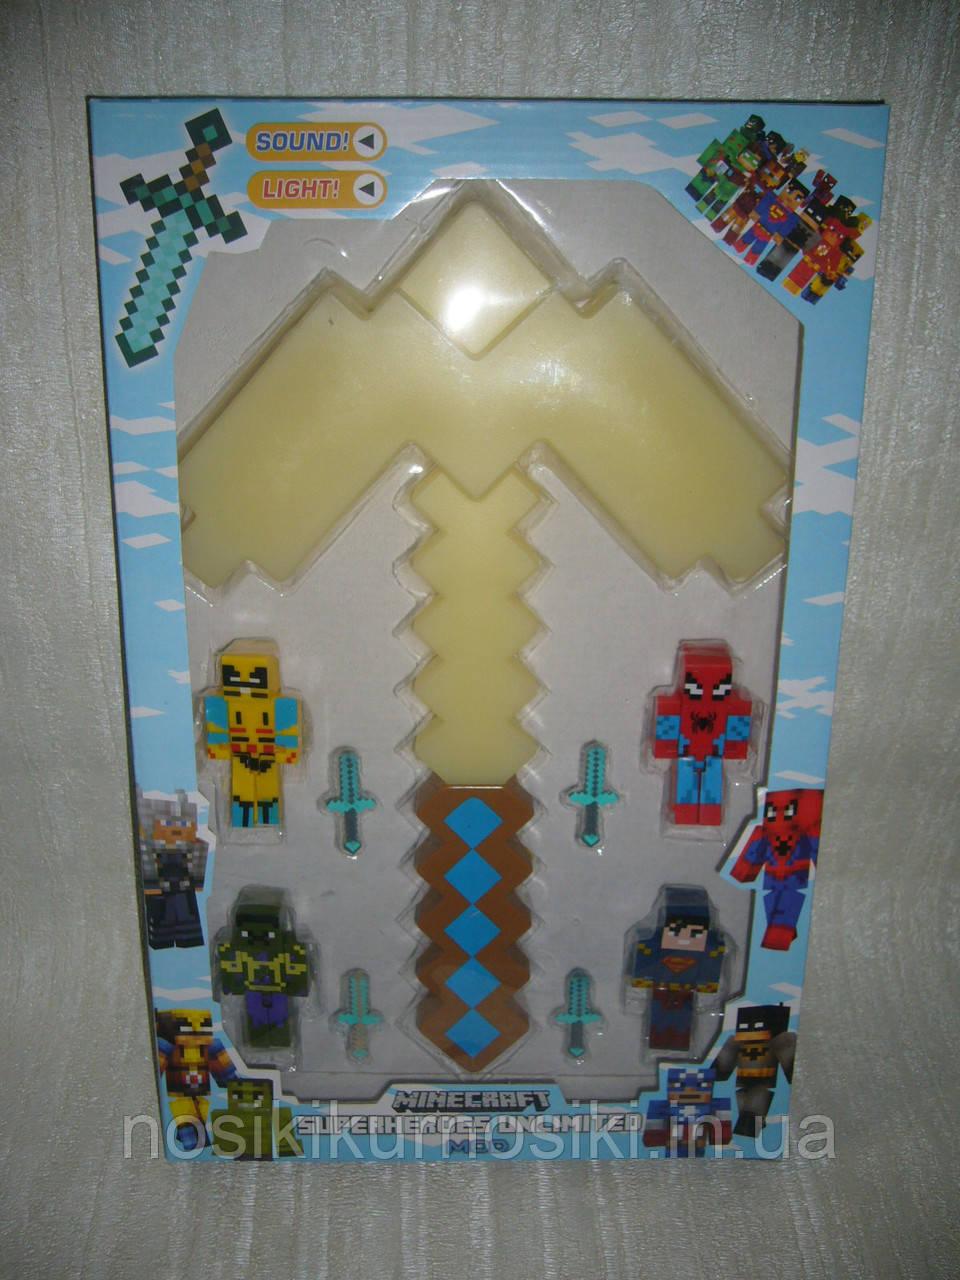 Зброя Майнкрафт Minecraft - залізна кірка світло, звук, 4 героя